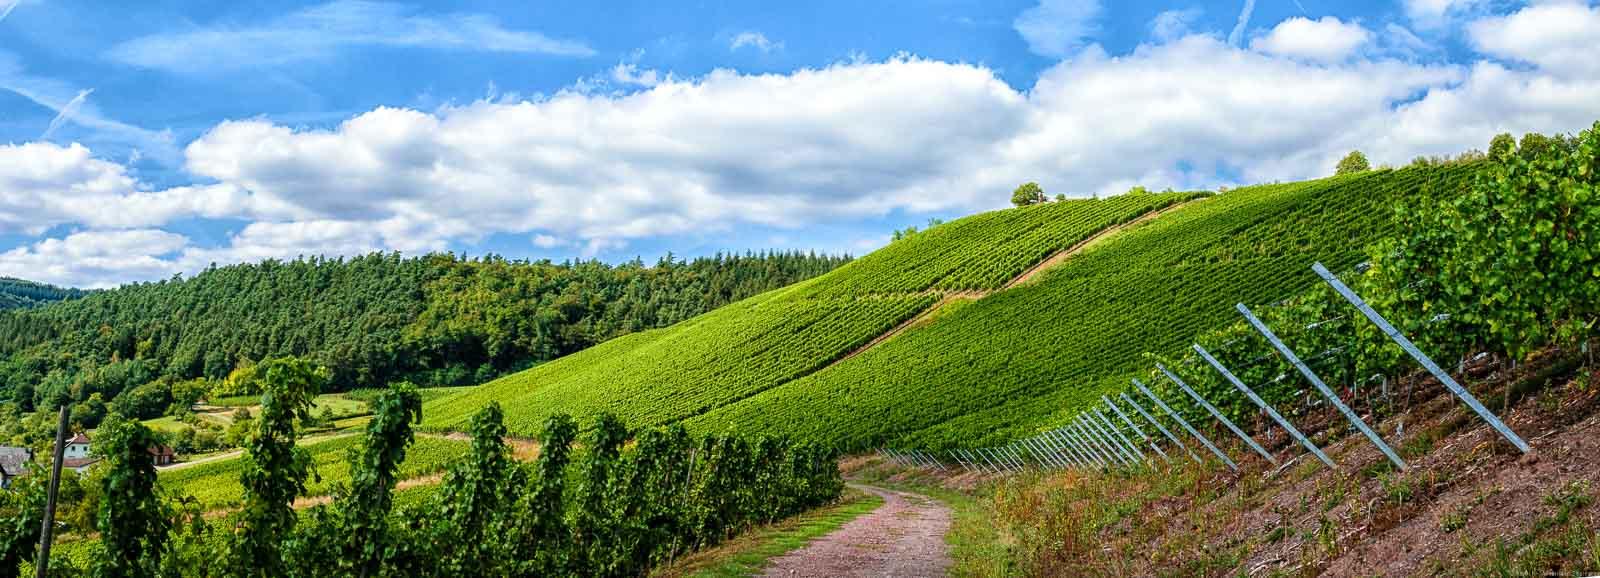 Weg in steilem Weinberg Wawerner Goldberg; links einige Häuser und Wald; Wolke am blauen Himmel.